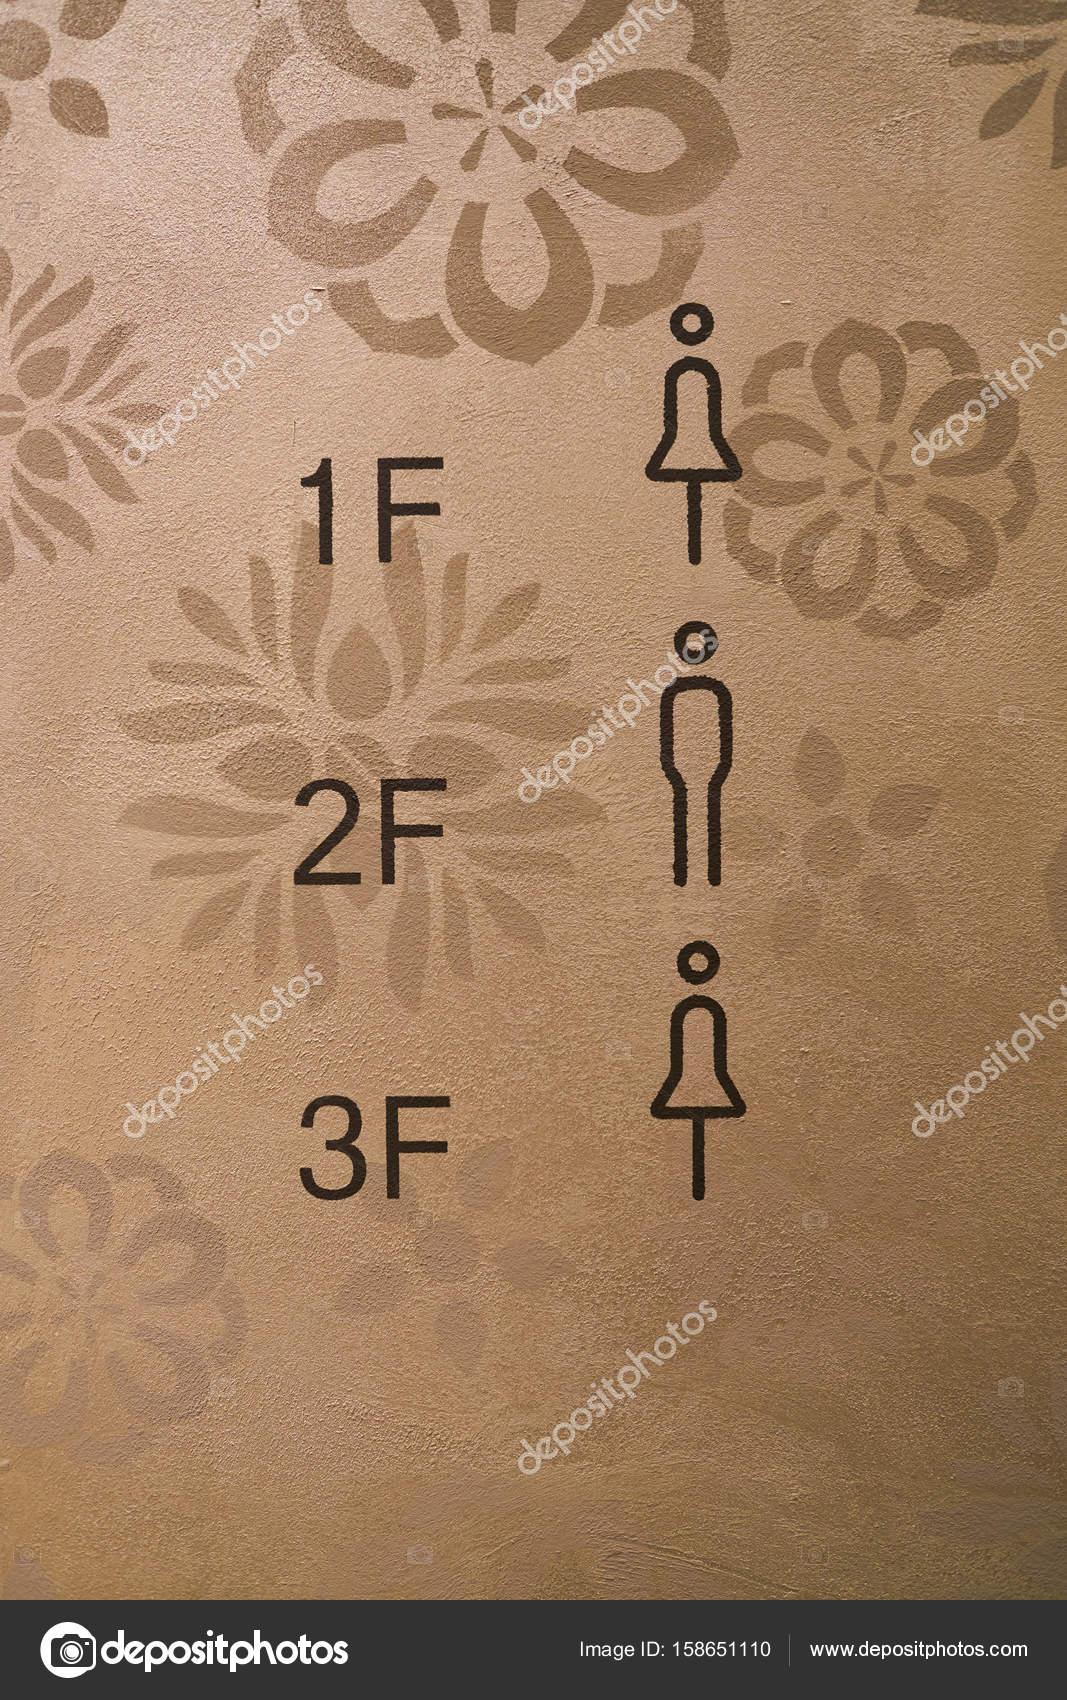 badkamer tekenen bij Starbucks koffie – Redactionele stockfoto ...